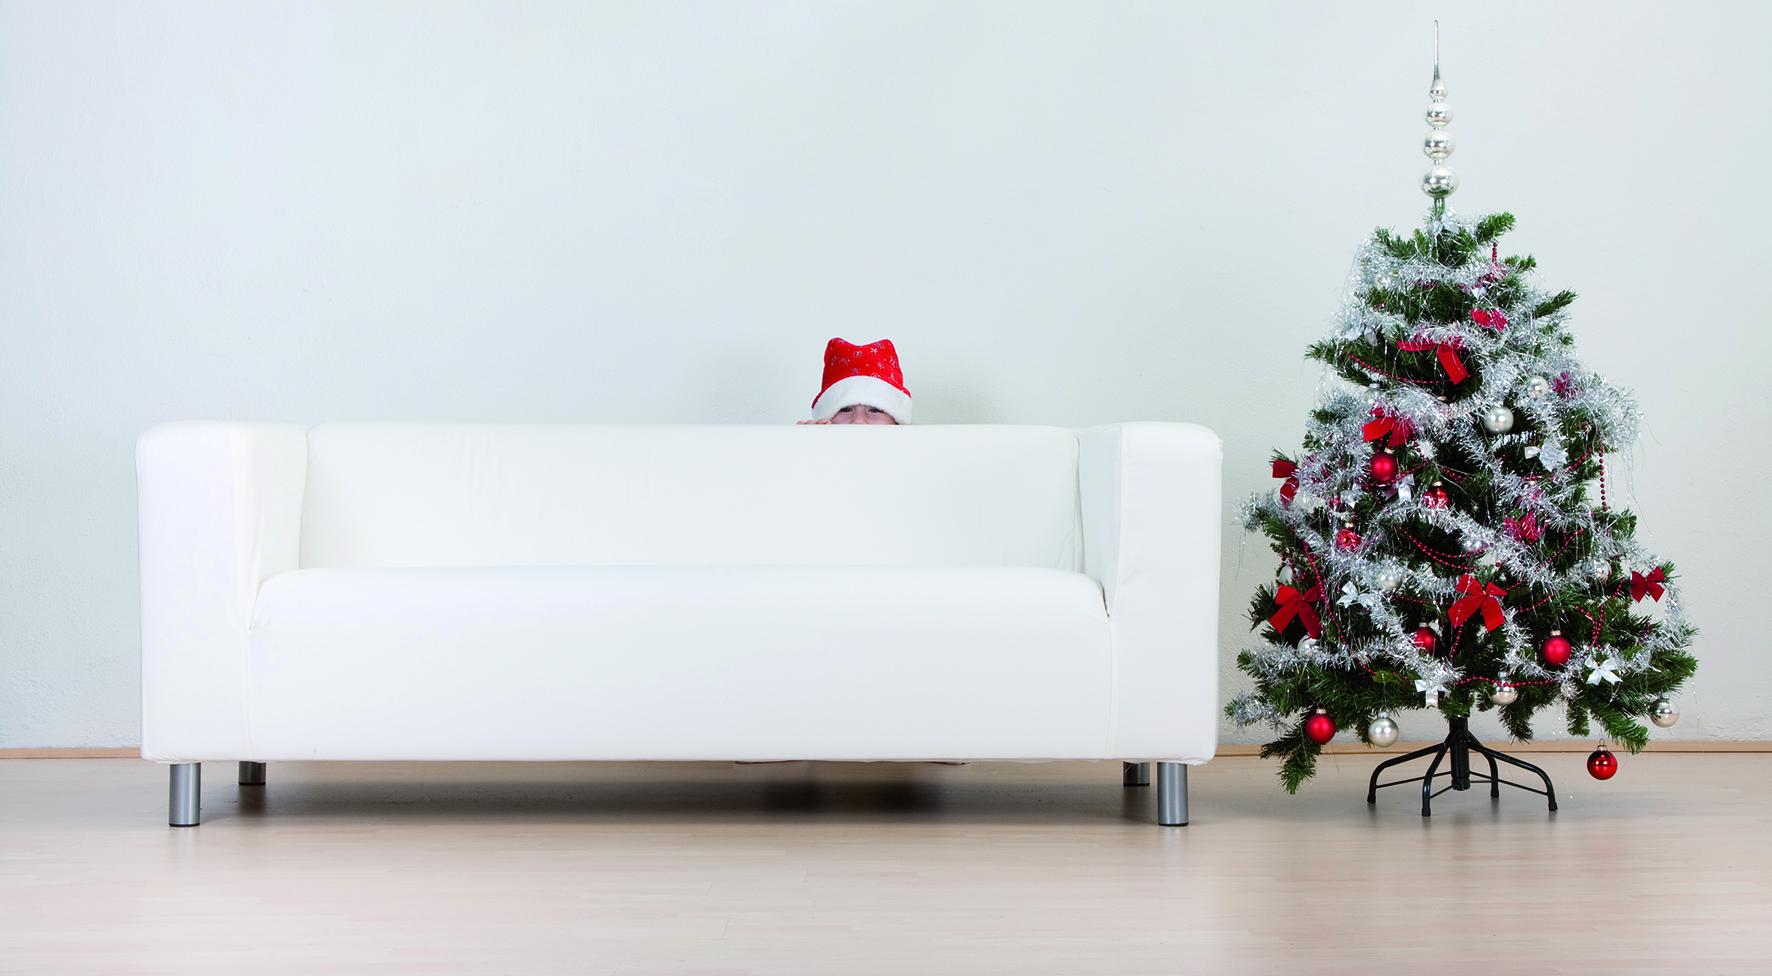 weihnachtsrabatt 15 auf m bel stoffe und leder l ffelsend polsterwerkst tten. Black Bedroom Furniture Sets. Home Design Ideas